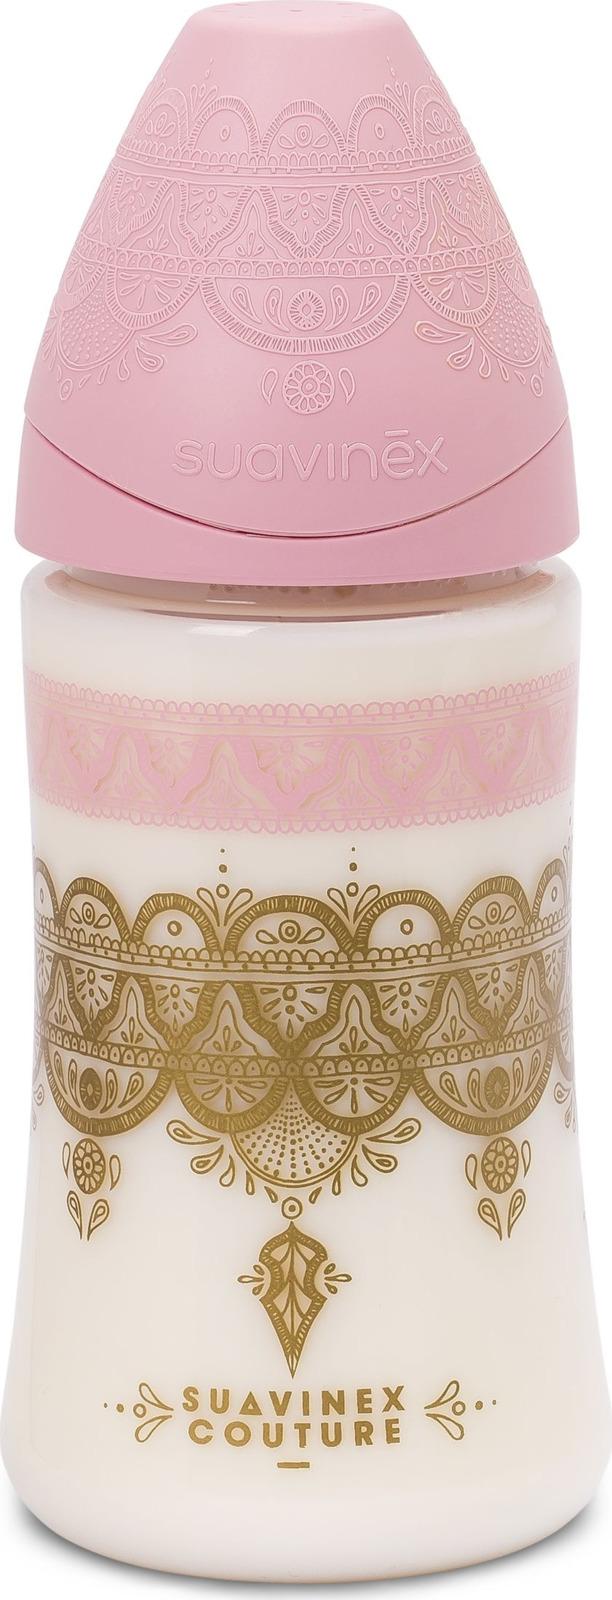 Бутылочка для кормления Suavinex Haute Couture, от 0 месяцев, с силиконовой круглой соской, 3162102, розовый, 270 мл mepsi бутылочка для кормления с силиконовой соской от 0 месяцев цвет синий 250 мл